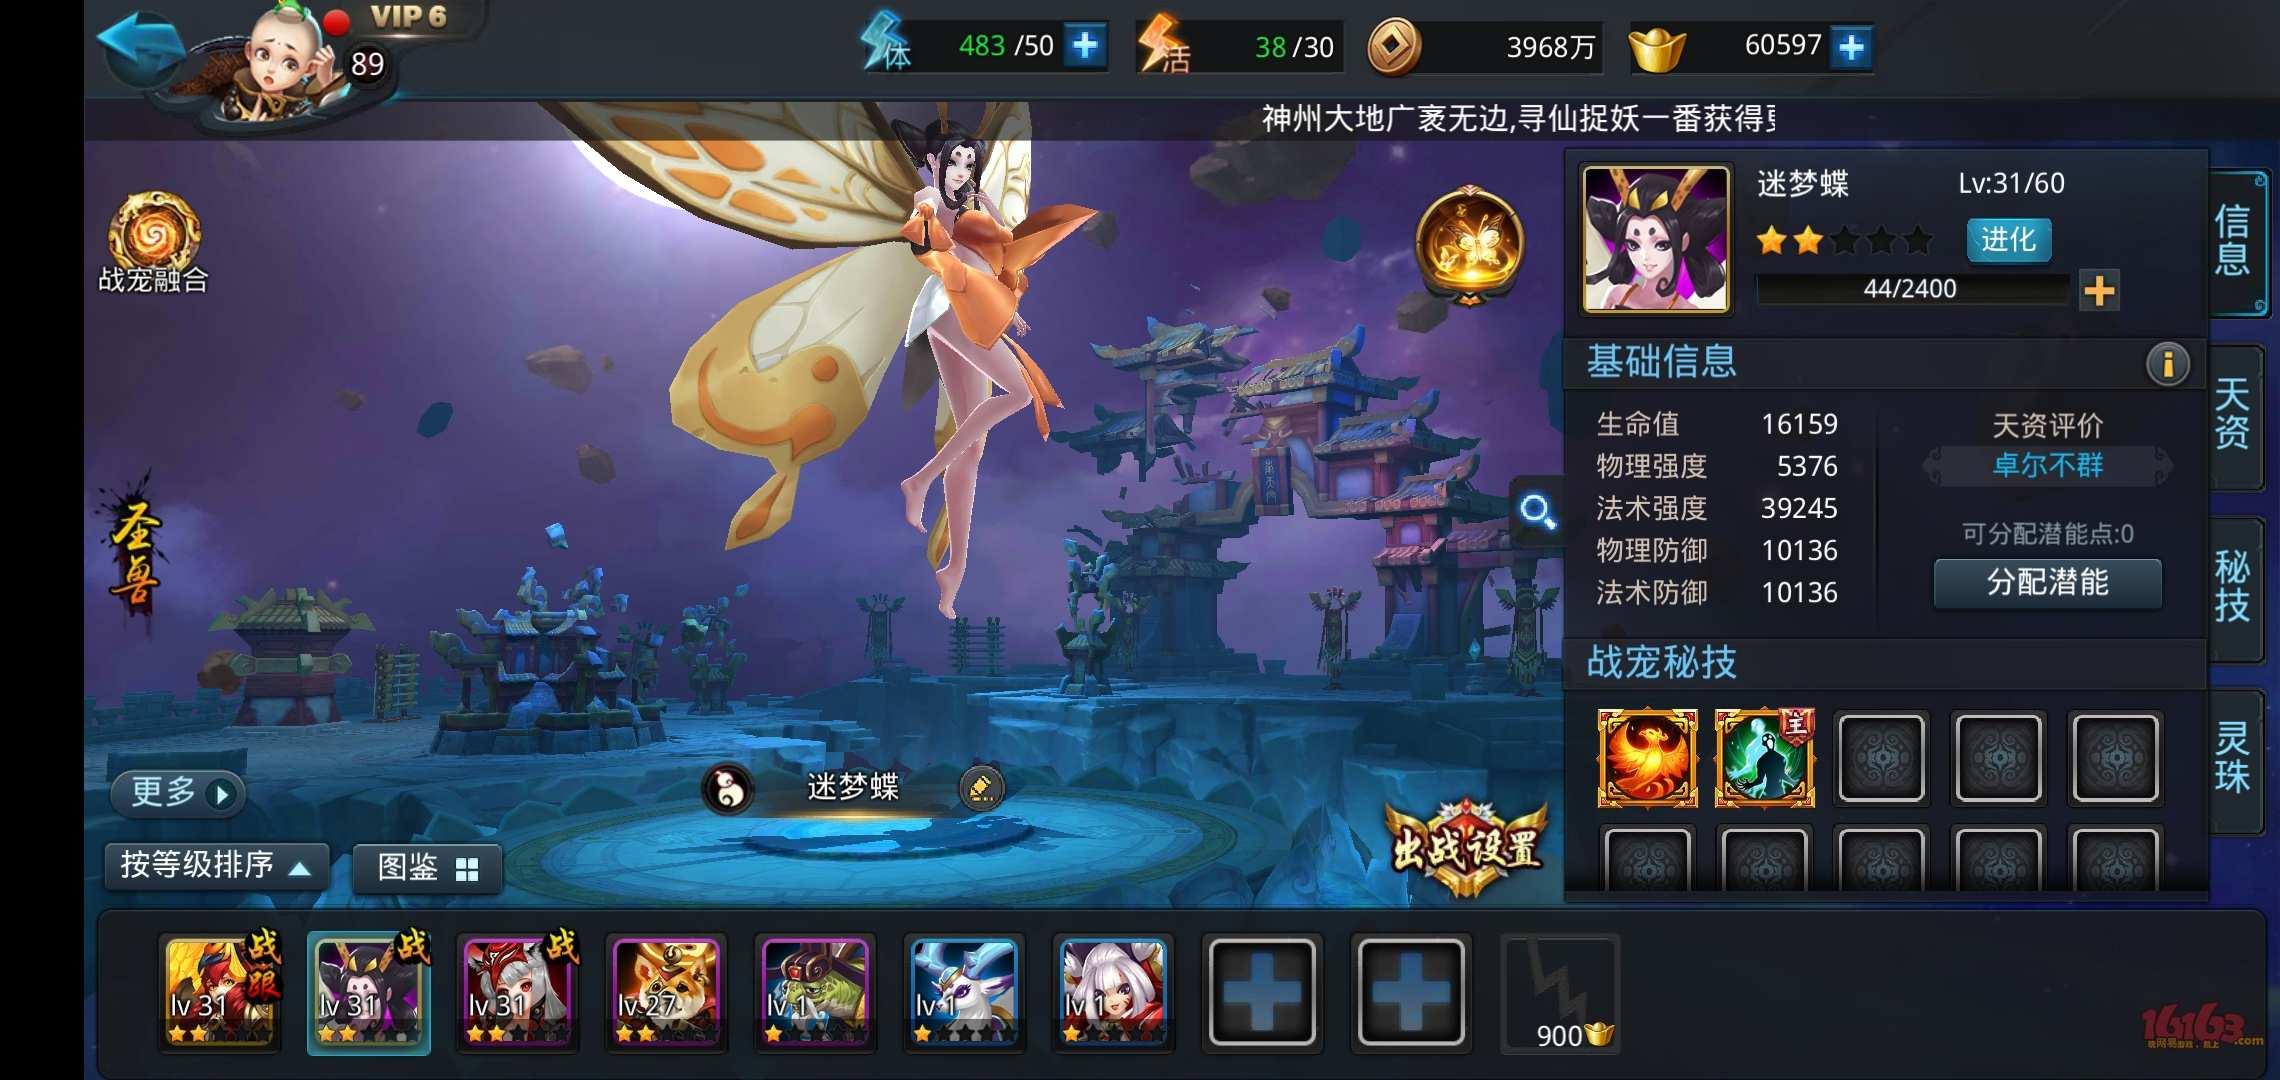 Screenshot_20181219_110741.jpg